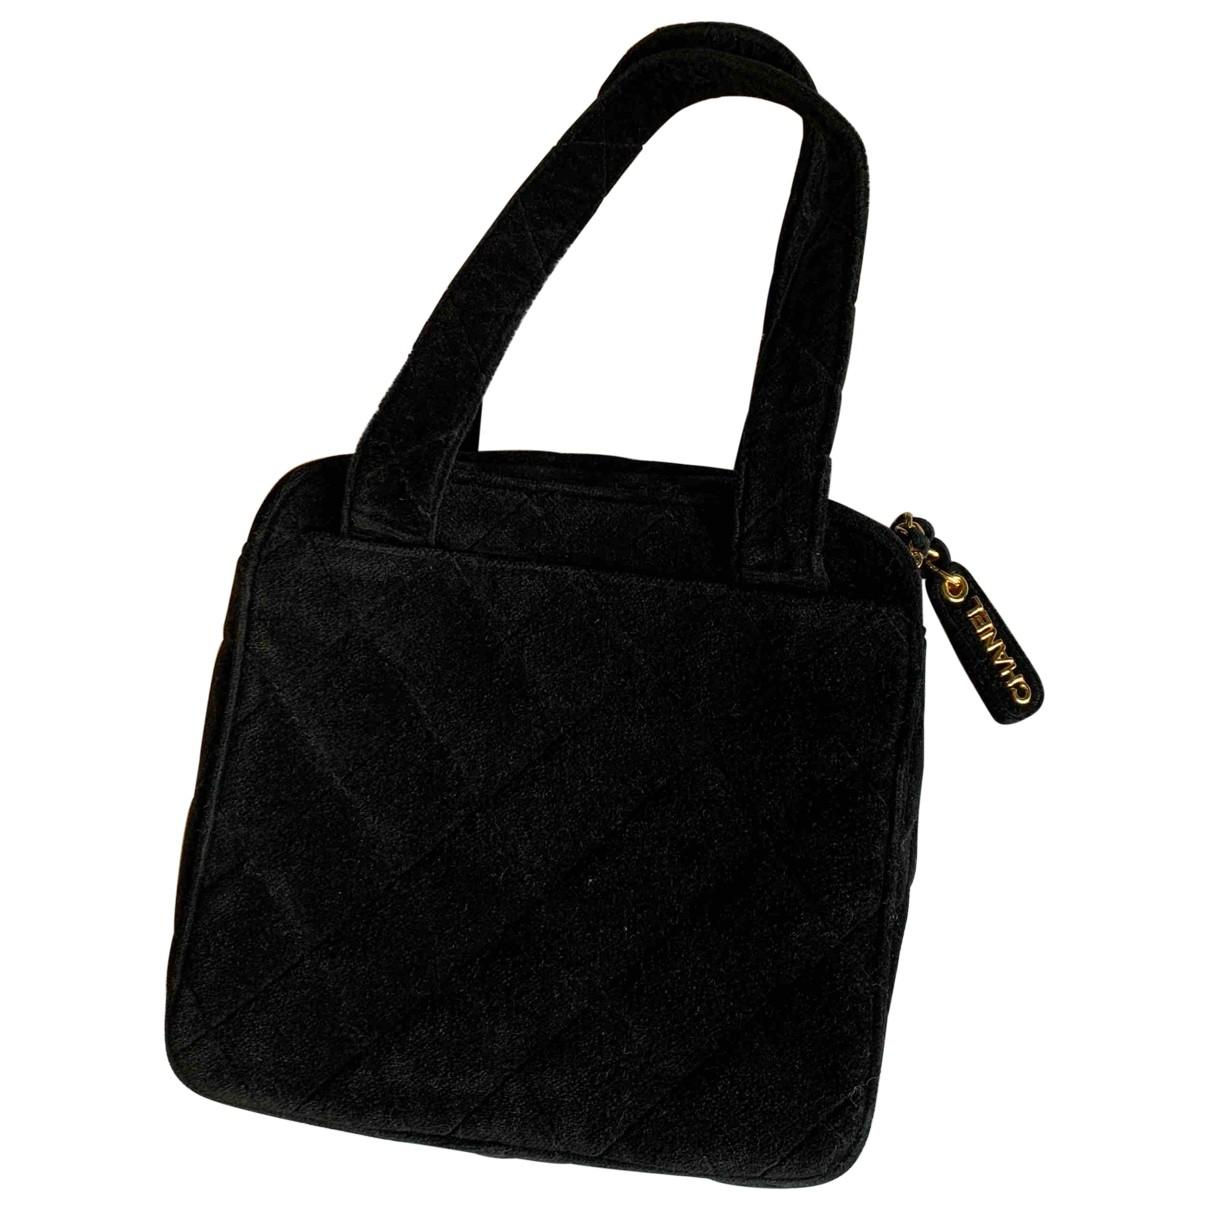 Chanel \N Handtasche in  Schwarz Samt